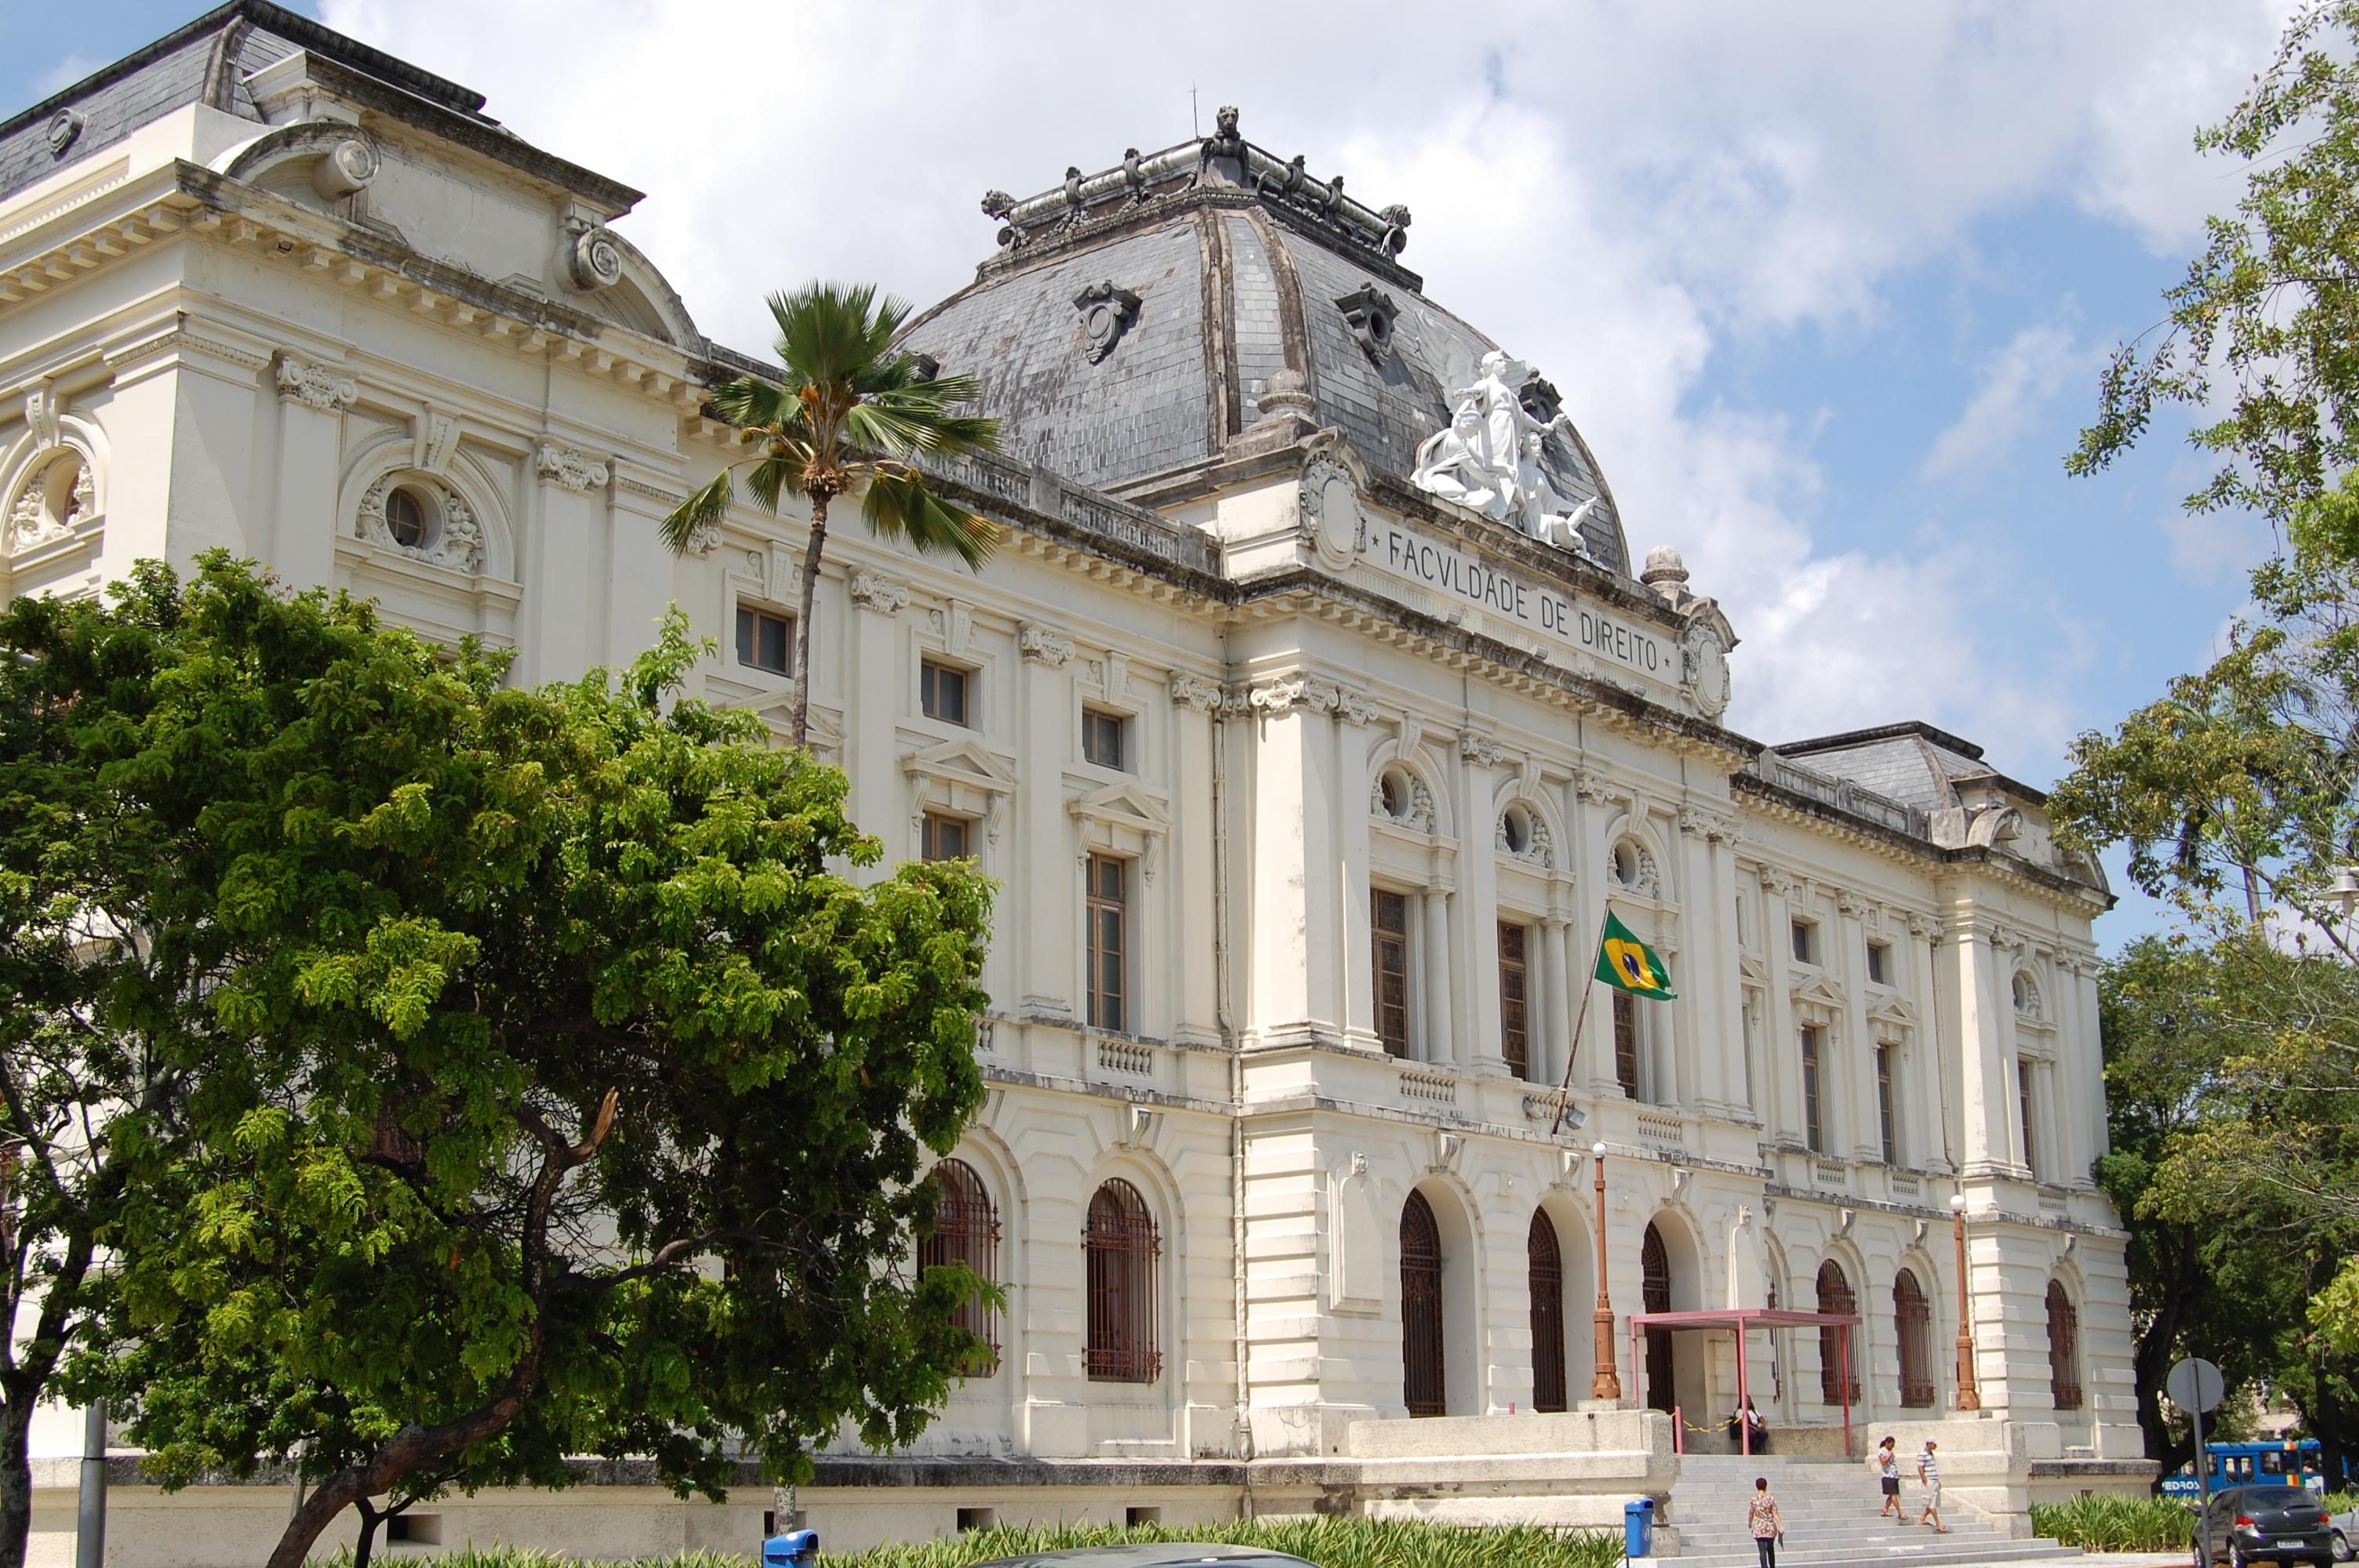 Veja o que saiu no Migalhas sobre Faculdade de Direito do Recife da Universidade Federal de Pernambuco